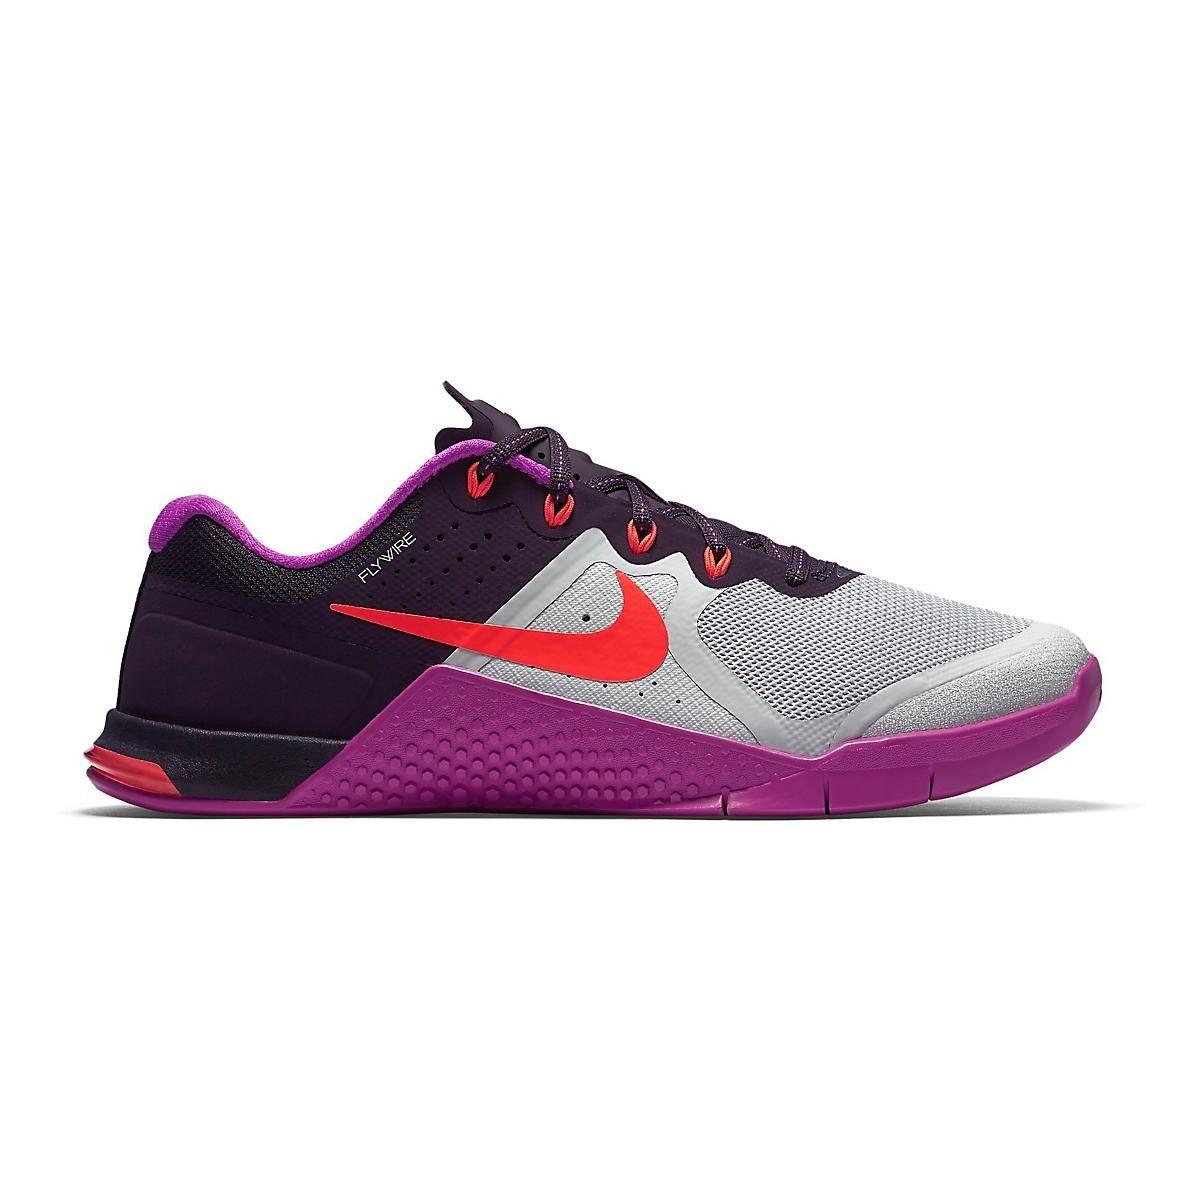 Women's Nike Metcon 2, str 40, lite brukt - Oslo  - Women's Nike Metcon 2, str 40 selges. Brukt 3-4 ganger men er dessverre feil størrelse for meg. - Oslo